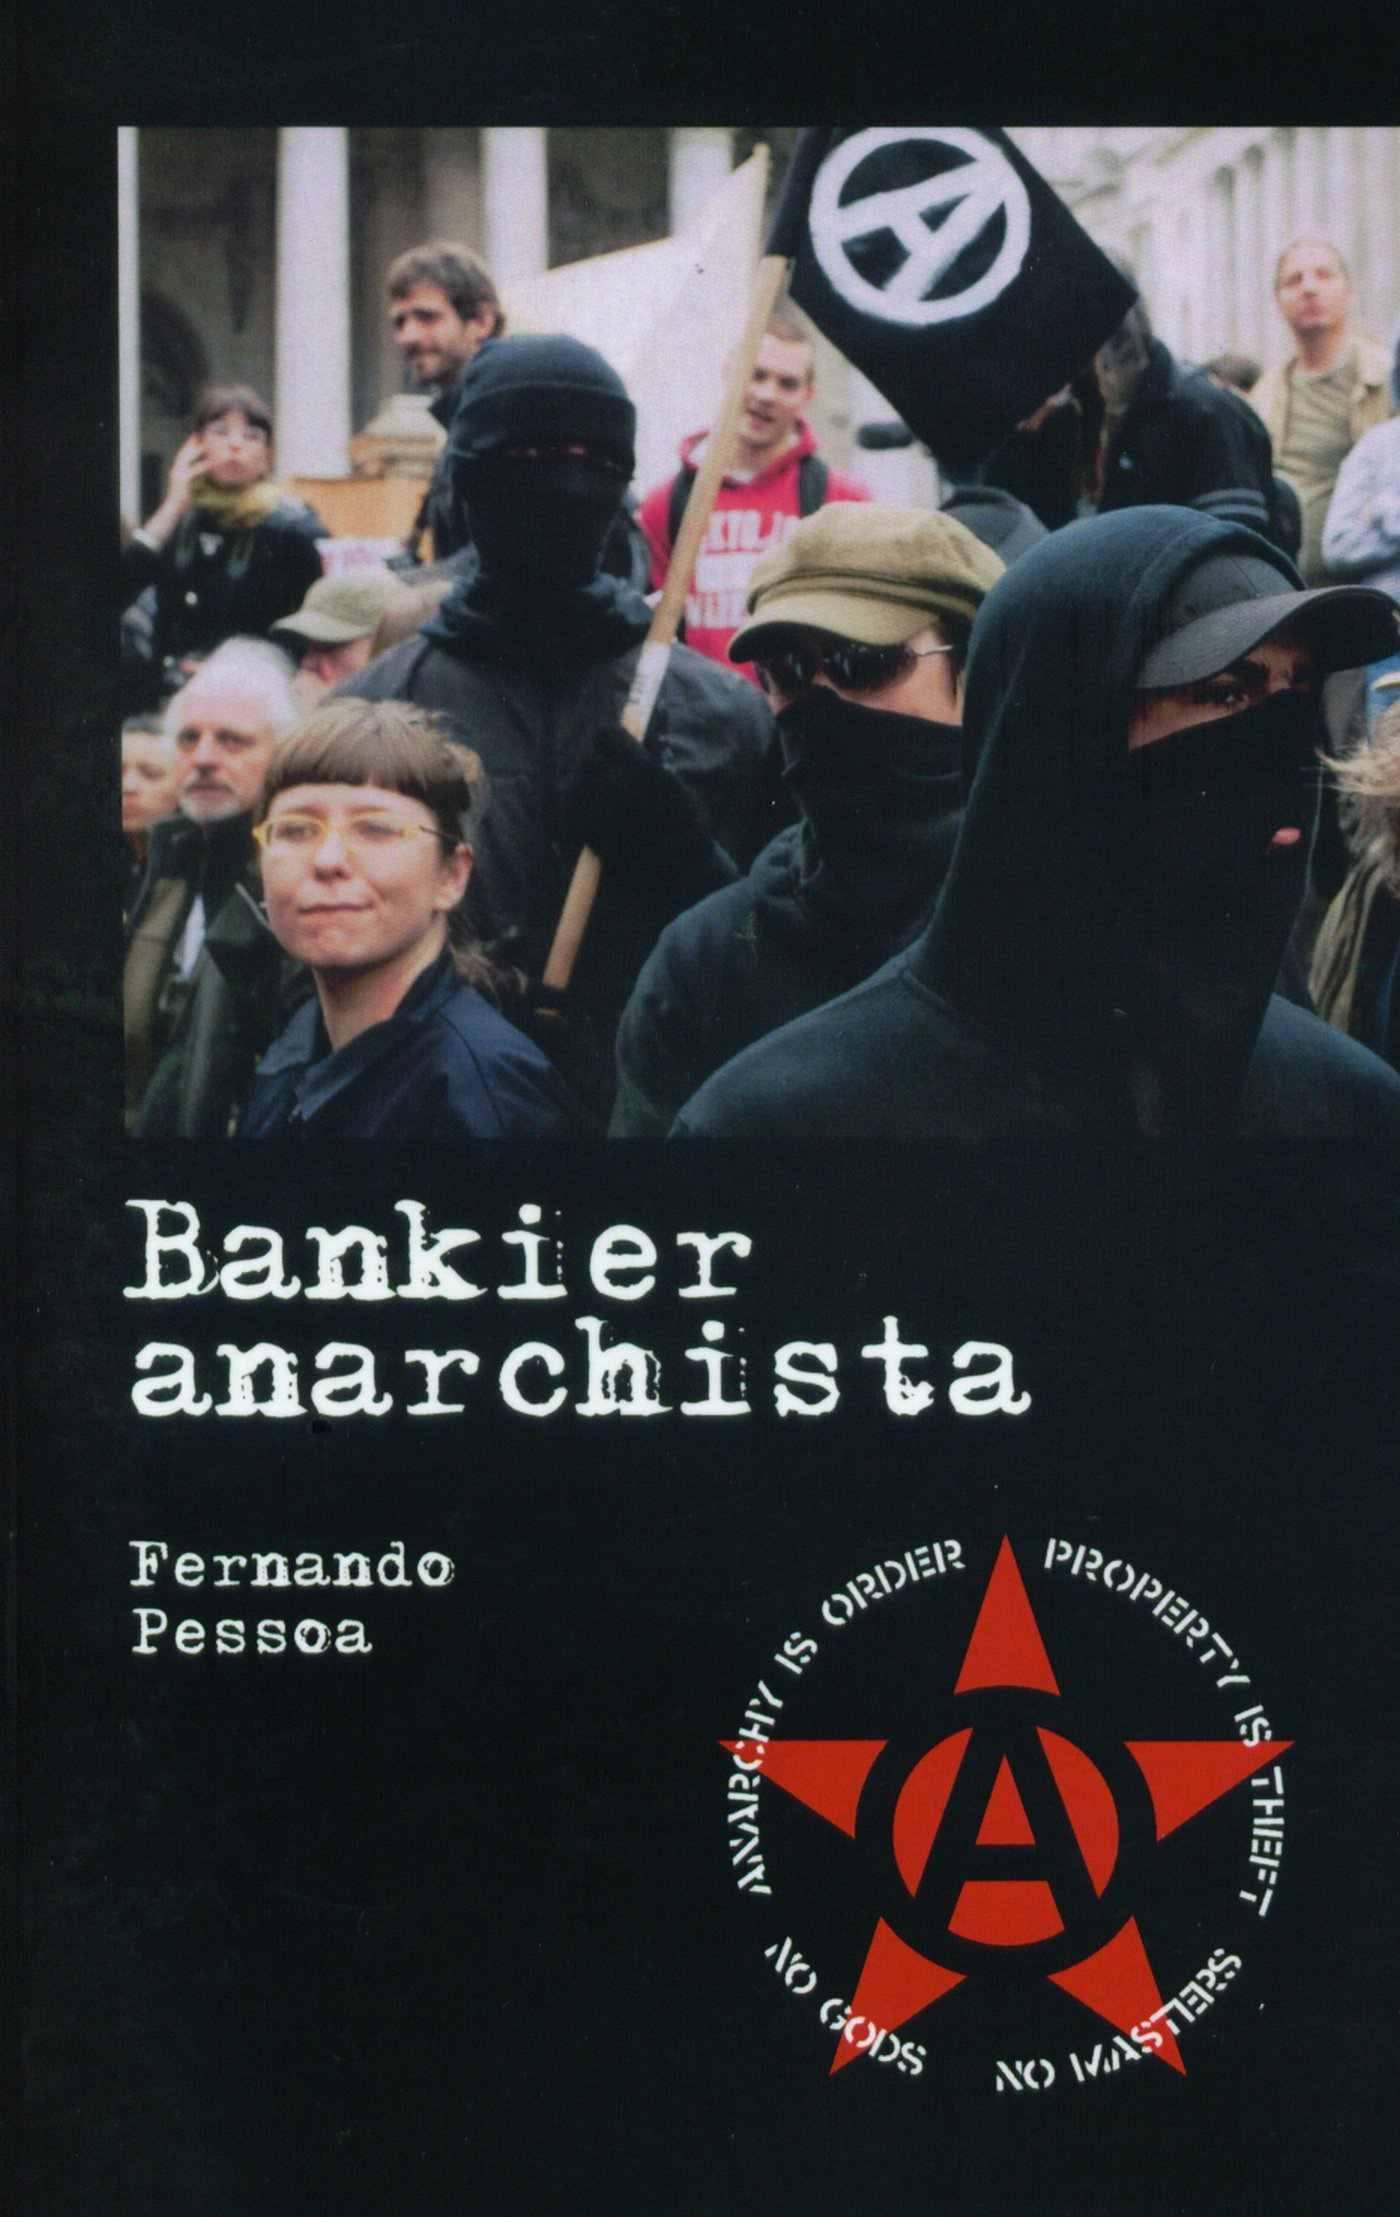 Bankier anarchista - Ebook (Książka EPUB) do pobrania w formacie EPUB